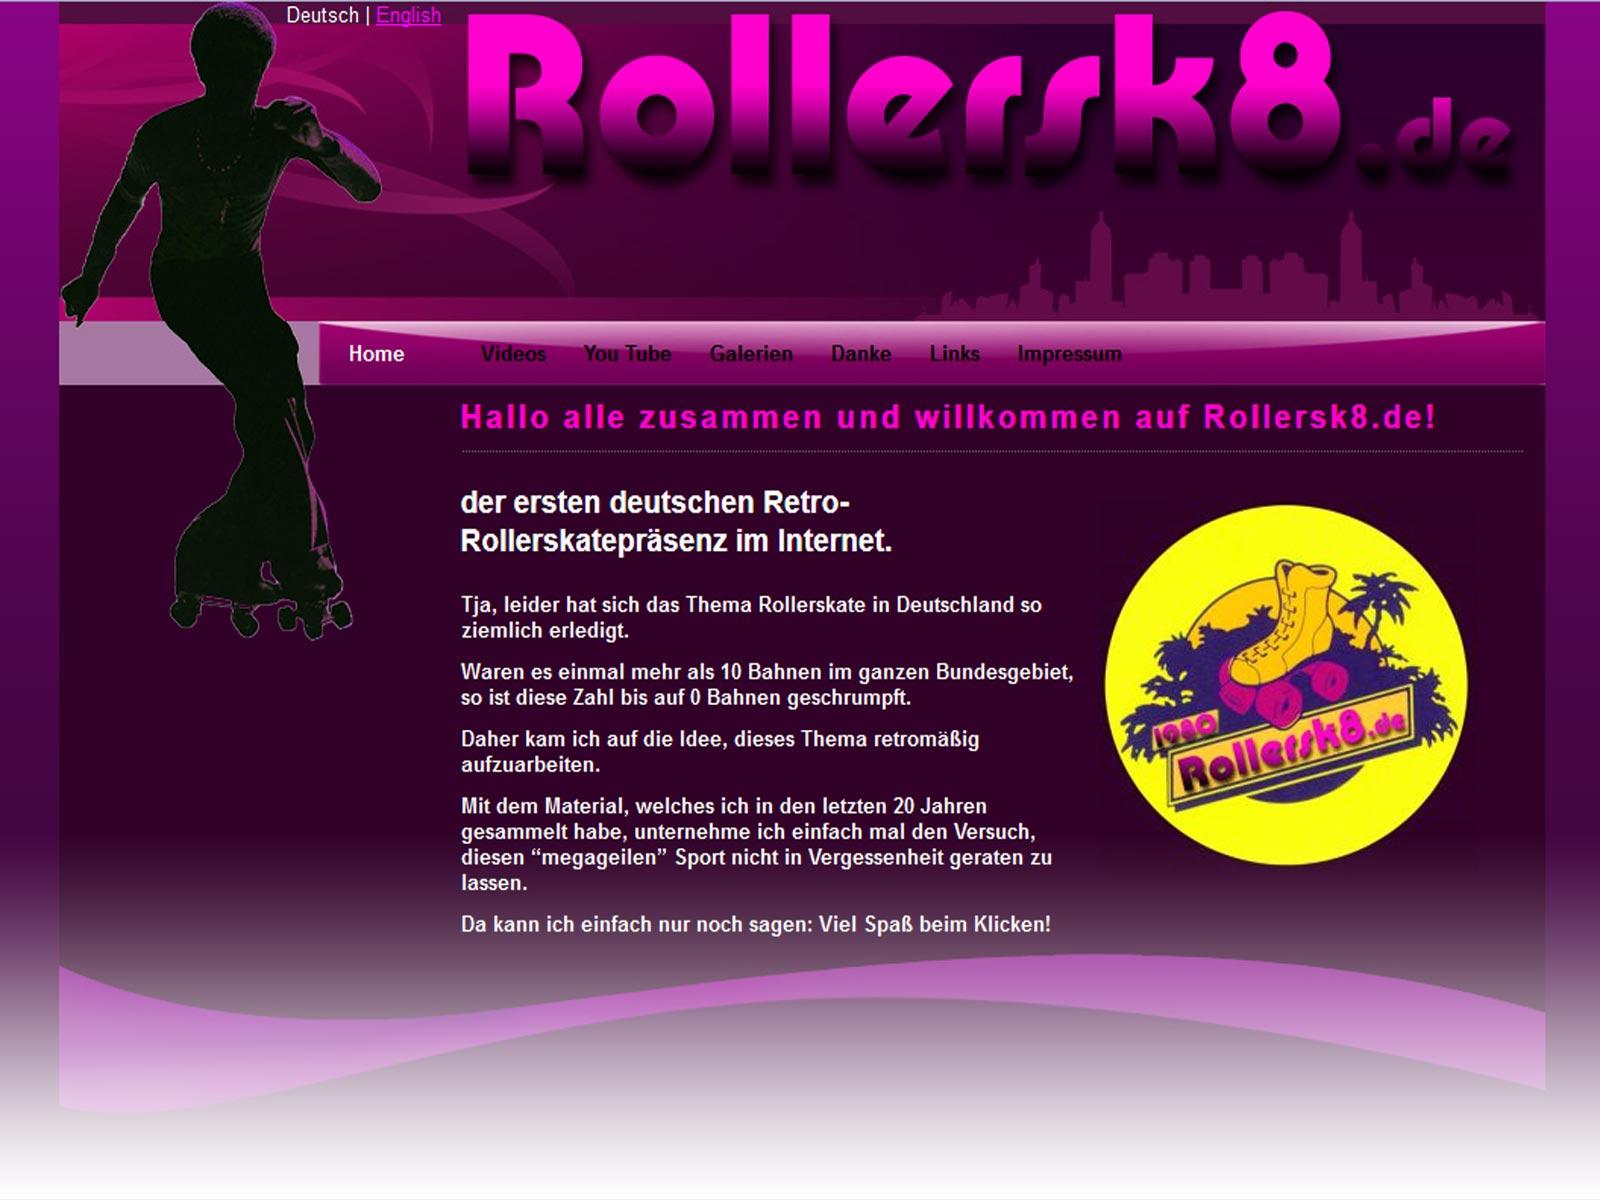 Rollersk8